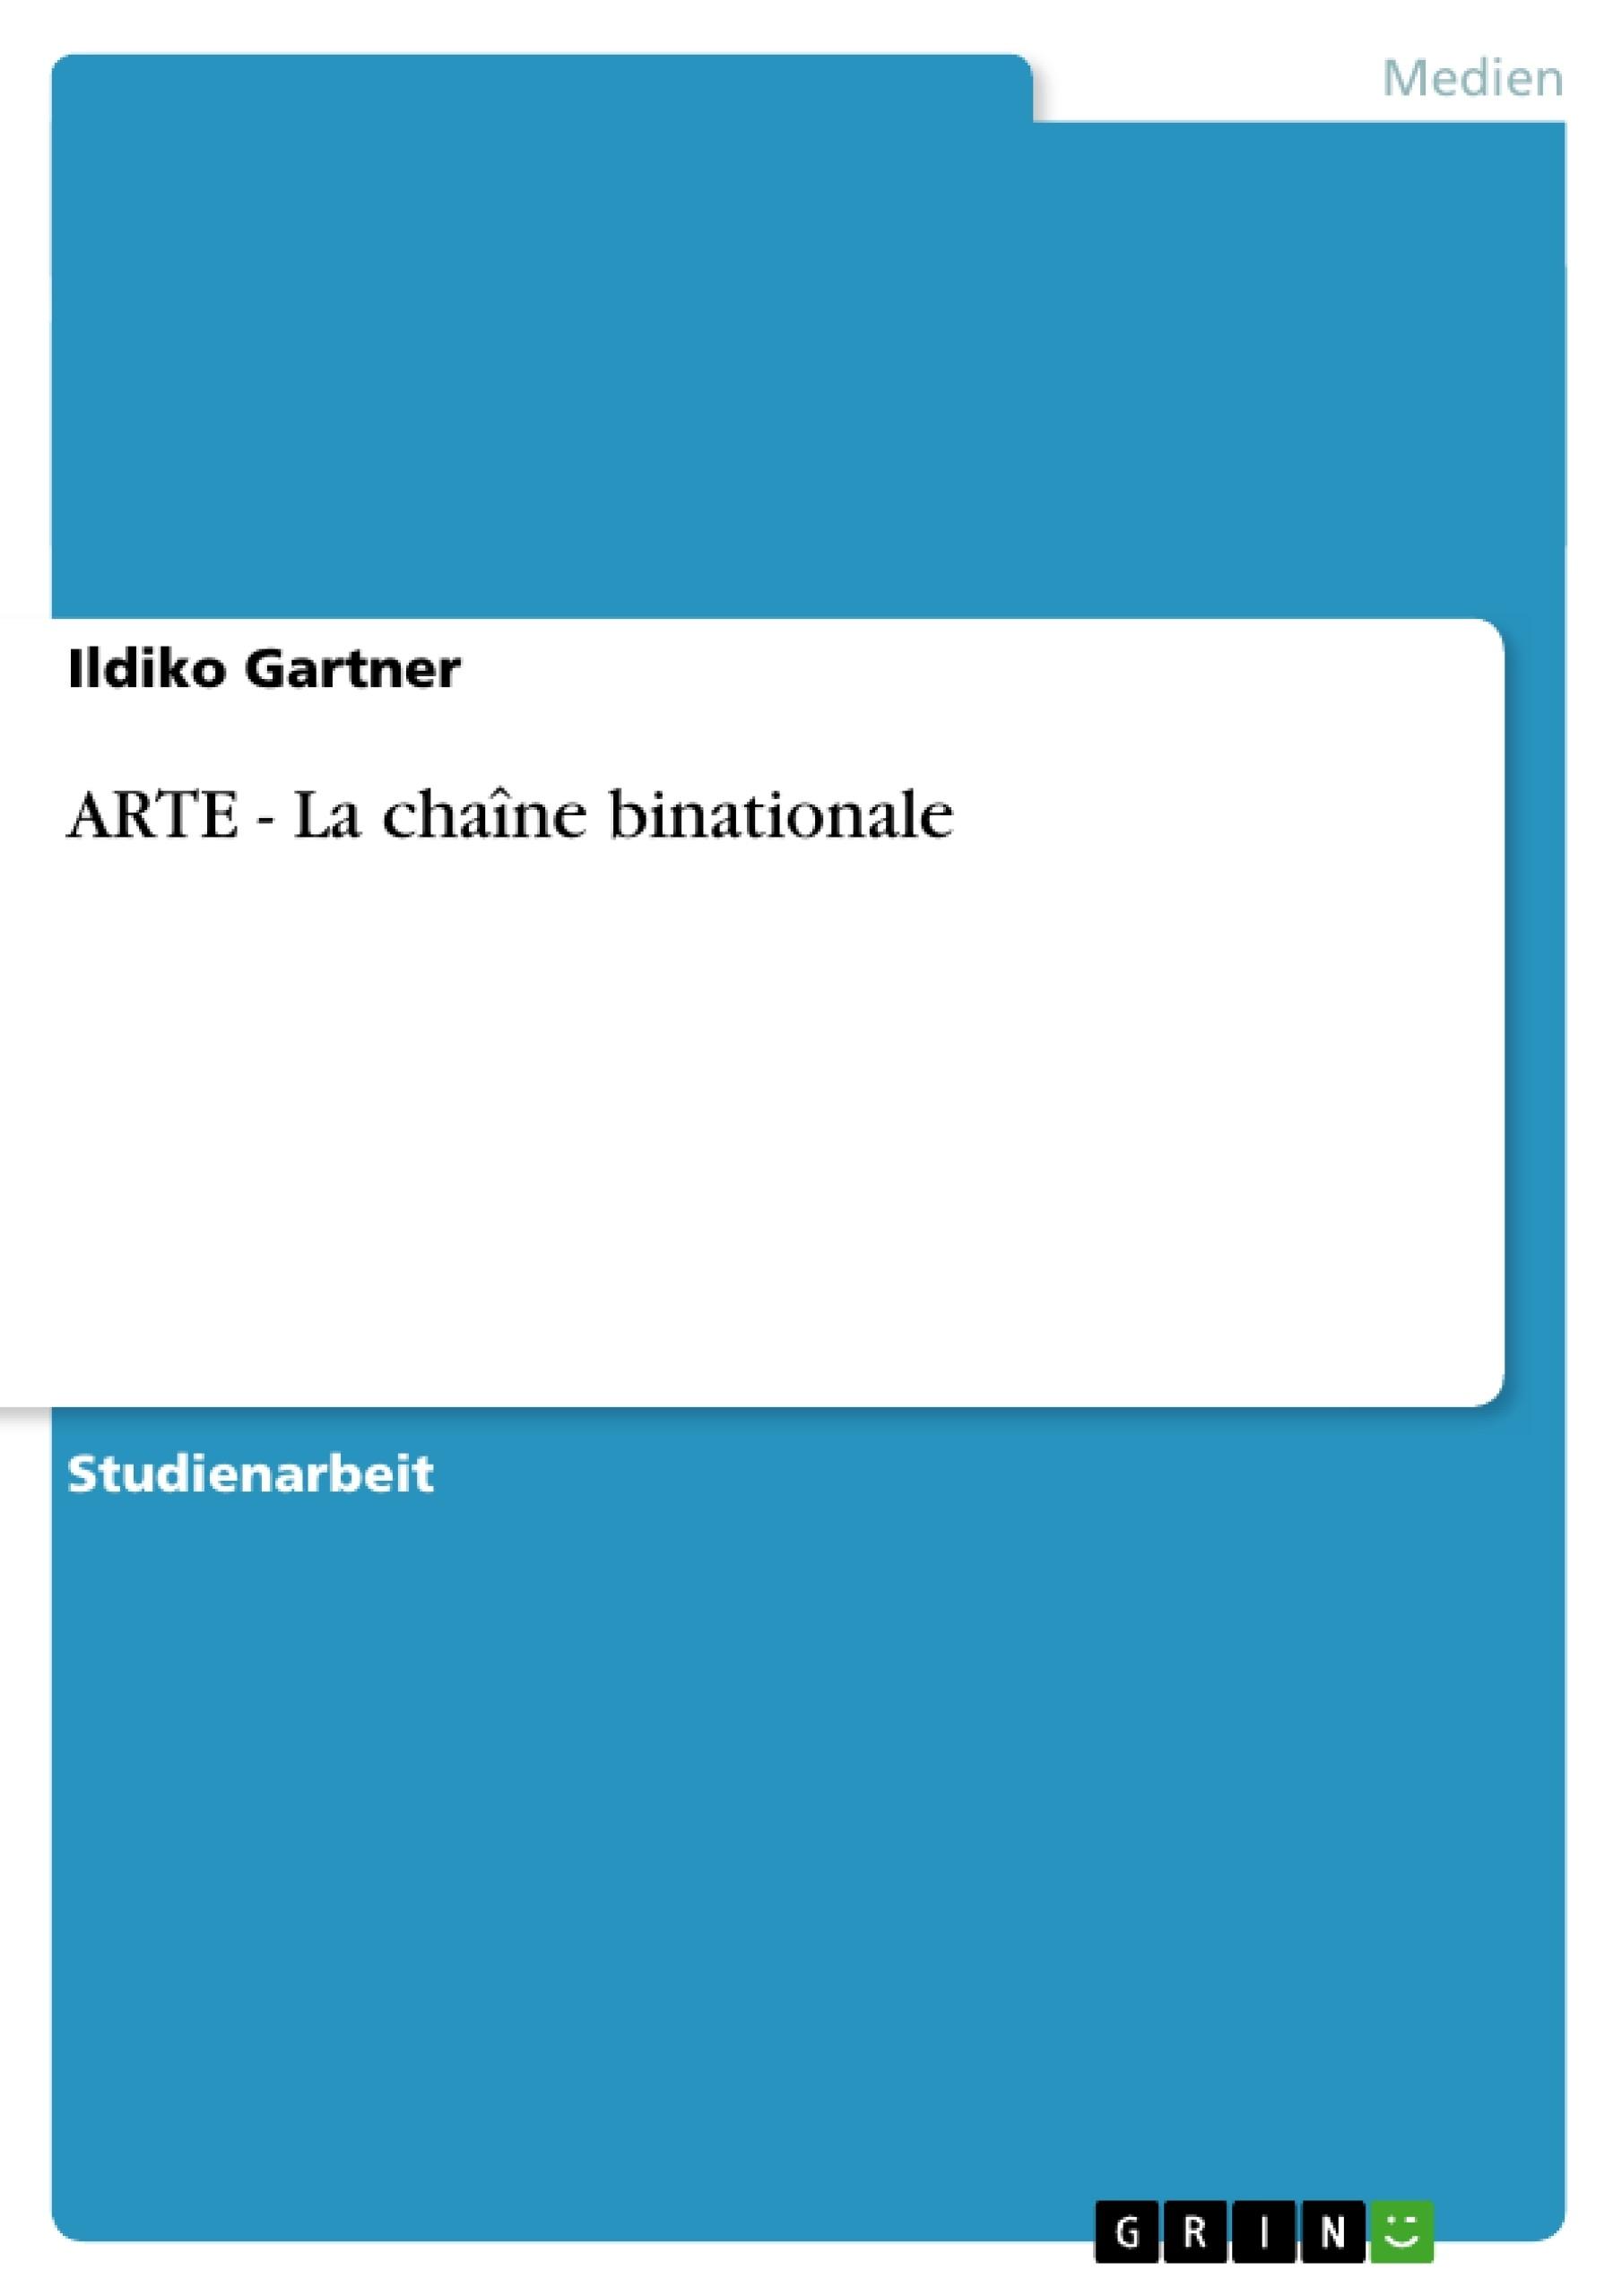 Titel: ARTE - La chaîne binationale